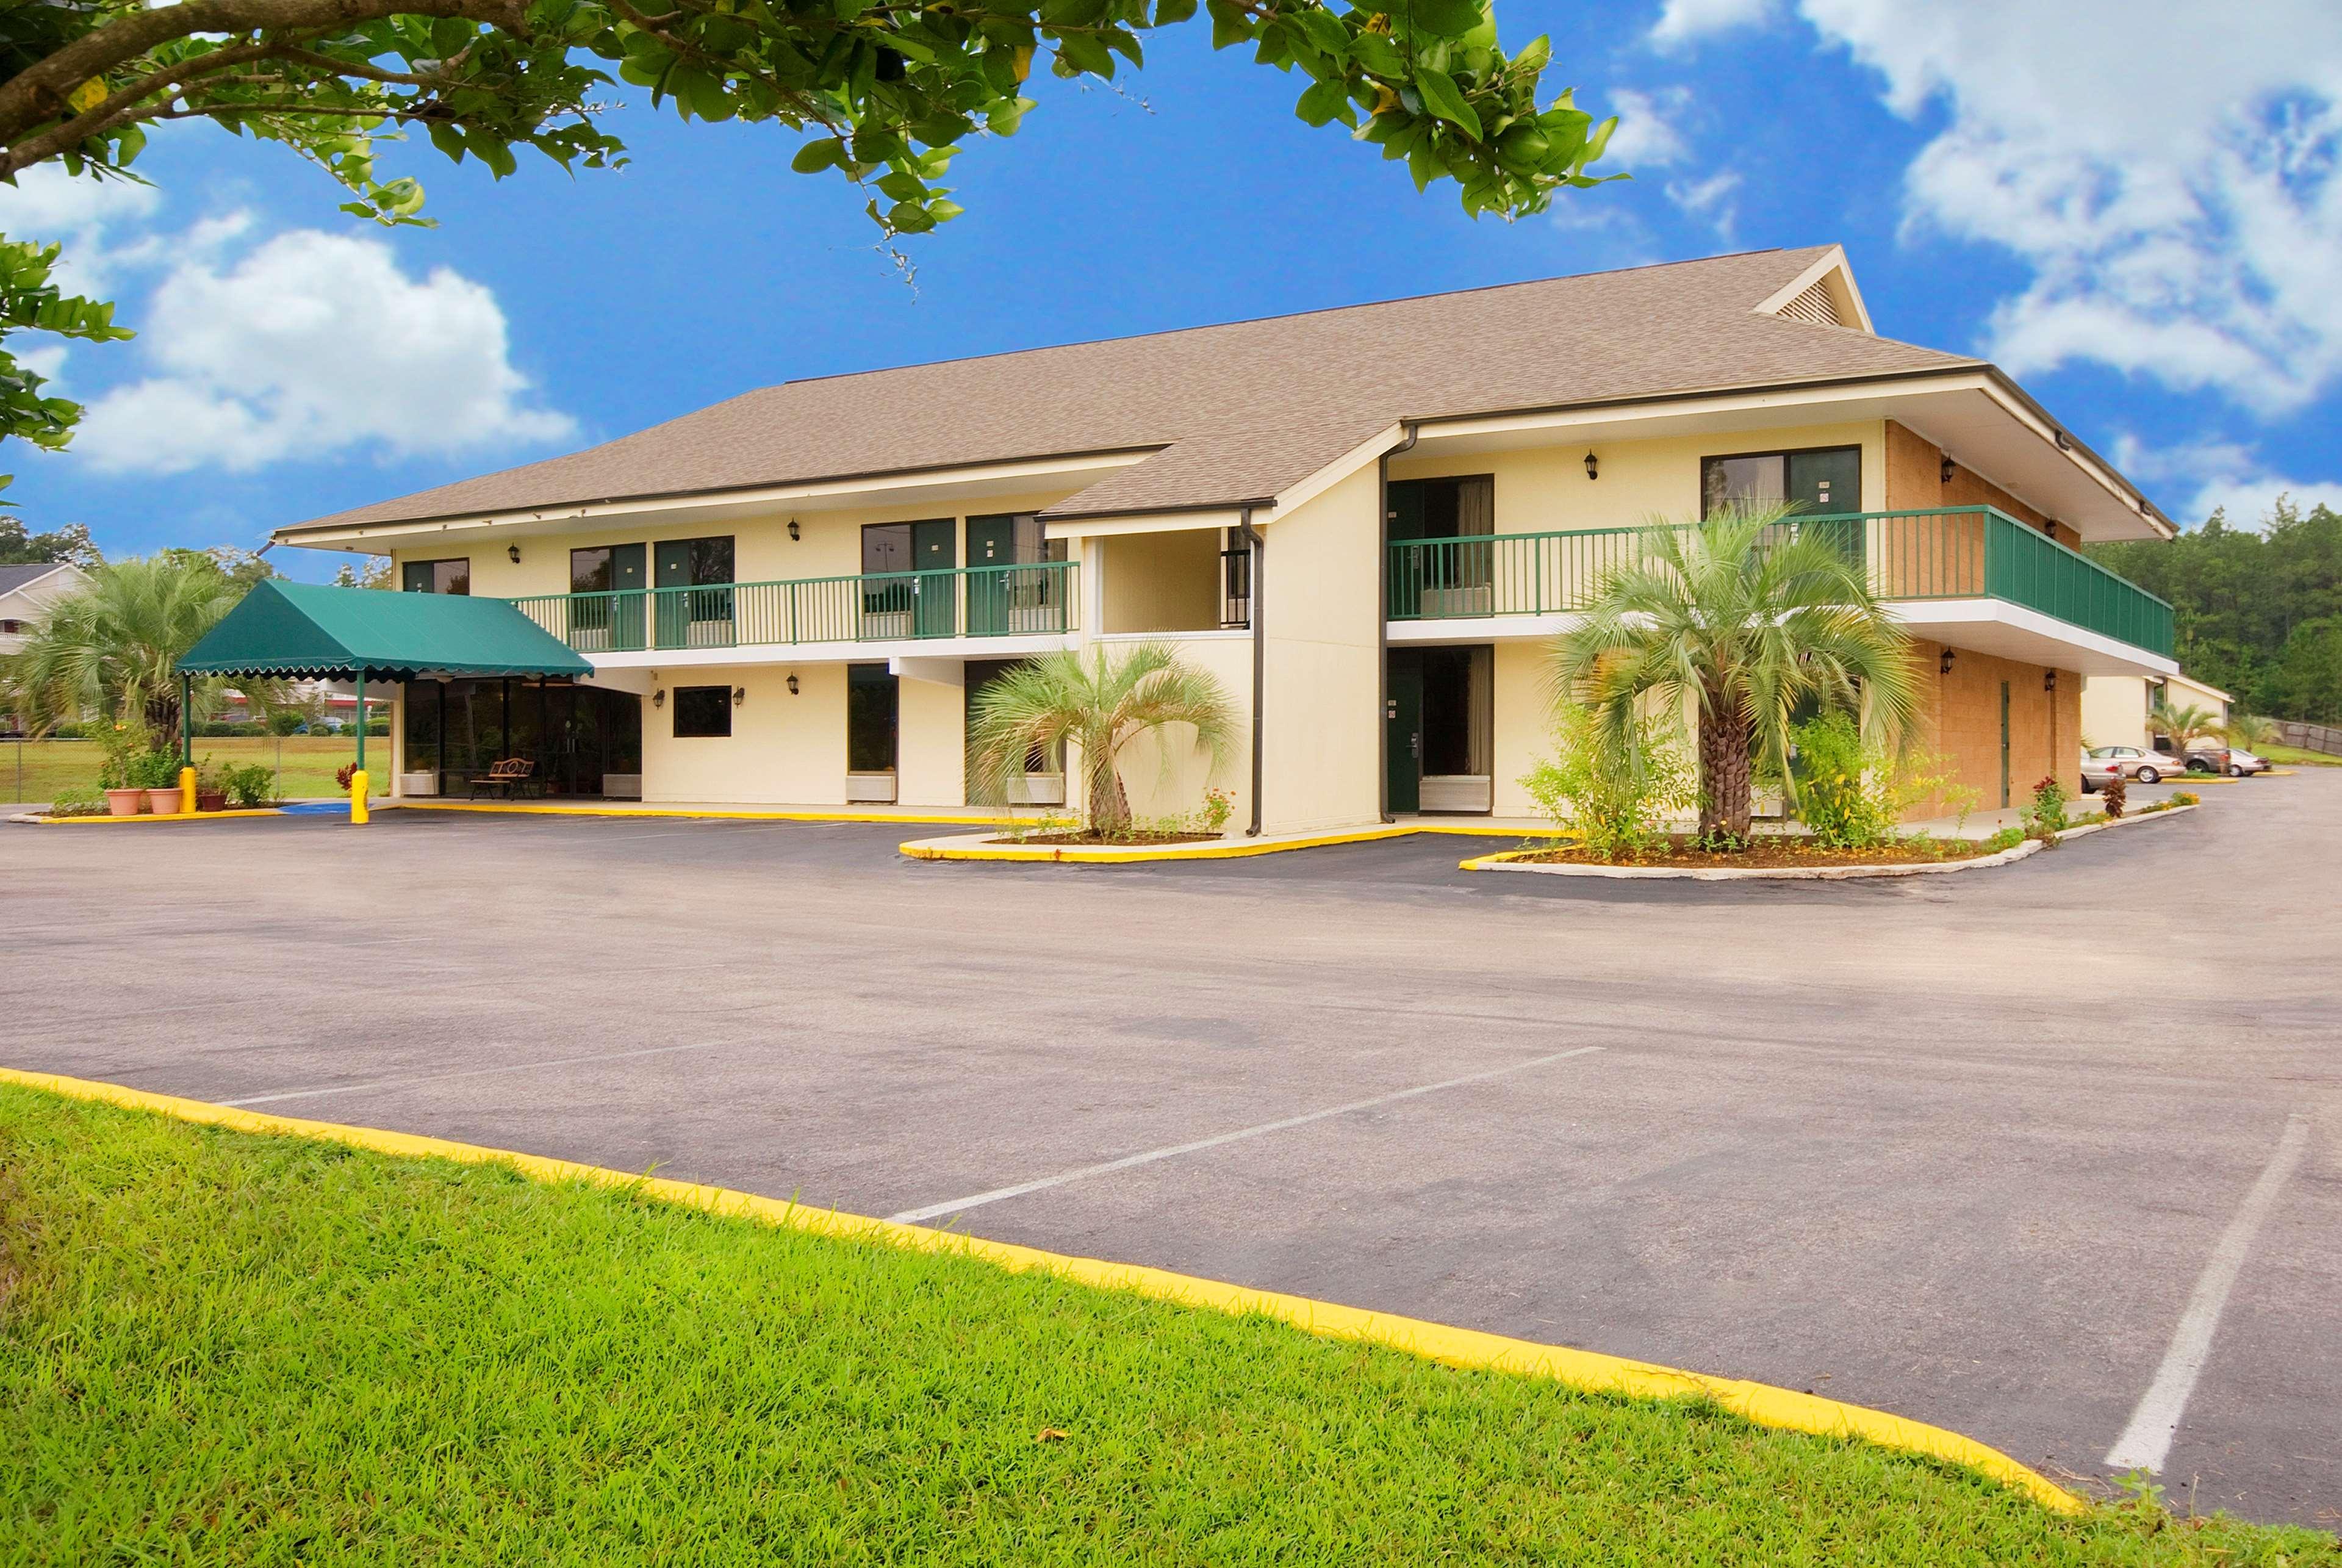 Hotels Motels Mobile Alabama